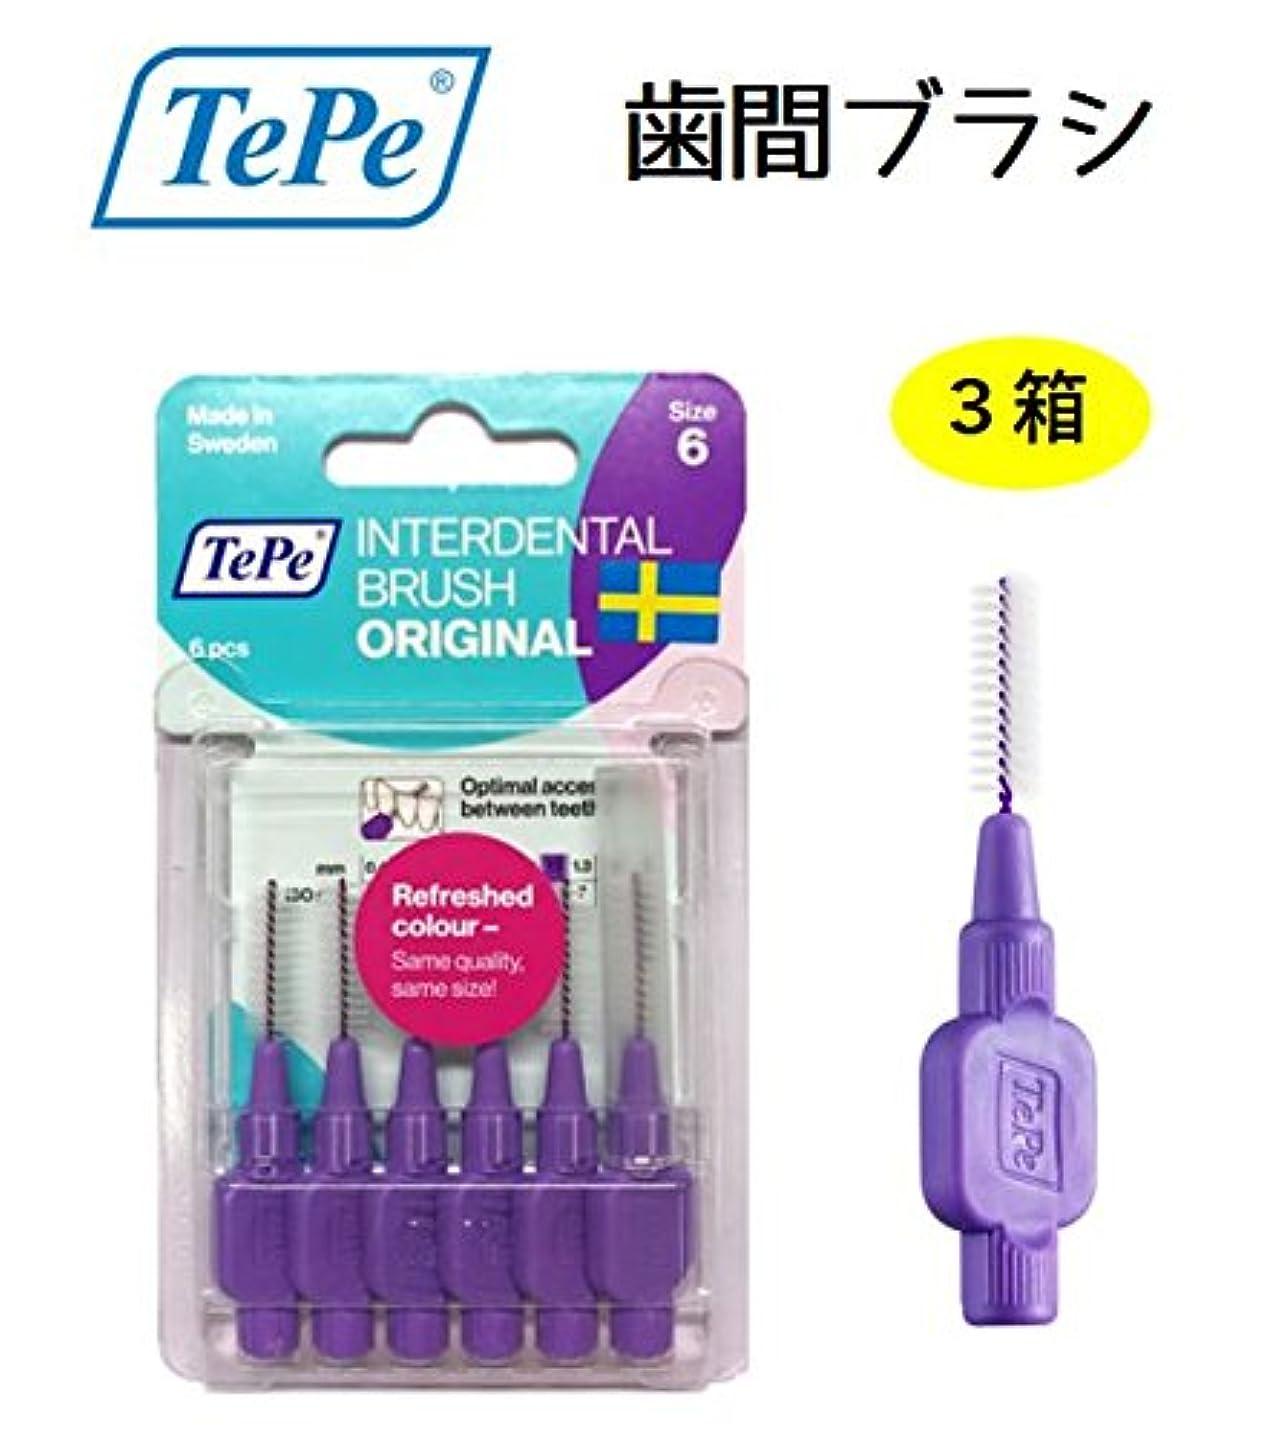 汚染されたフランクワースリー恋人テペ 歯間プラシ 1.1mm ブリスターパック 3パック TePe IDブラシ